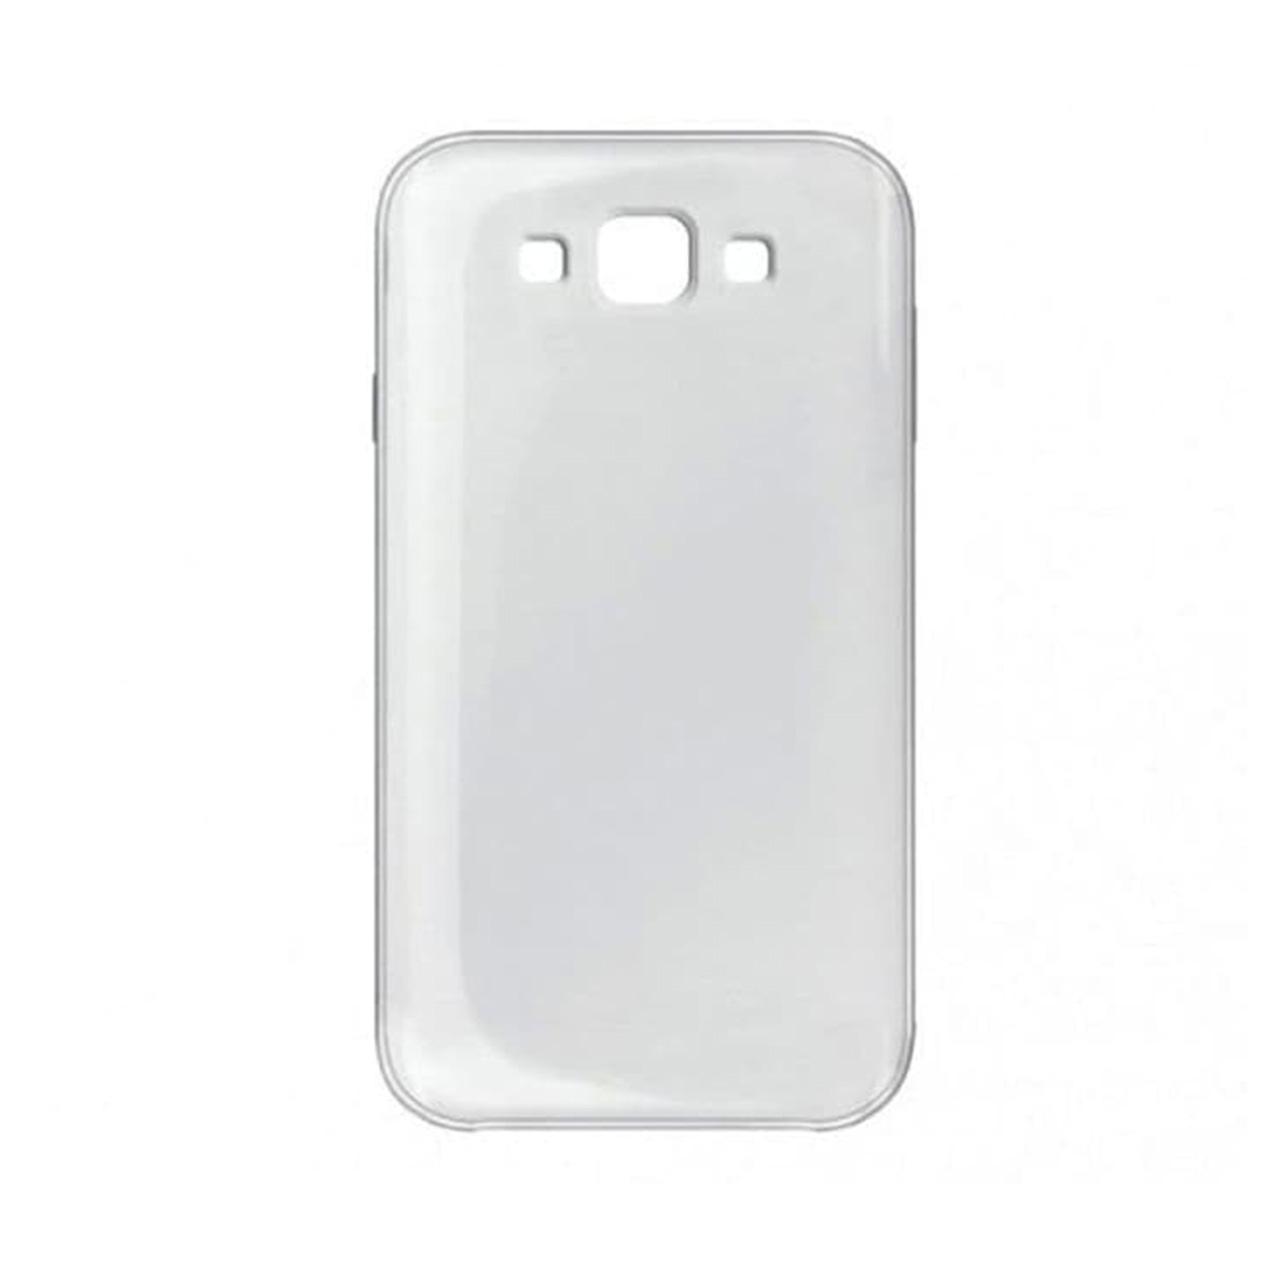 کاور ژله ای مدل Clear مناسب برای گوشی موبایل سامسونگ Samsung galaxy E7